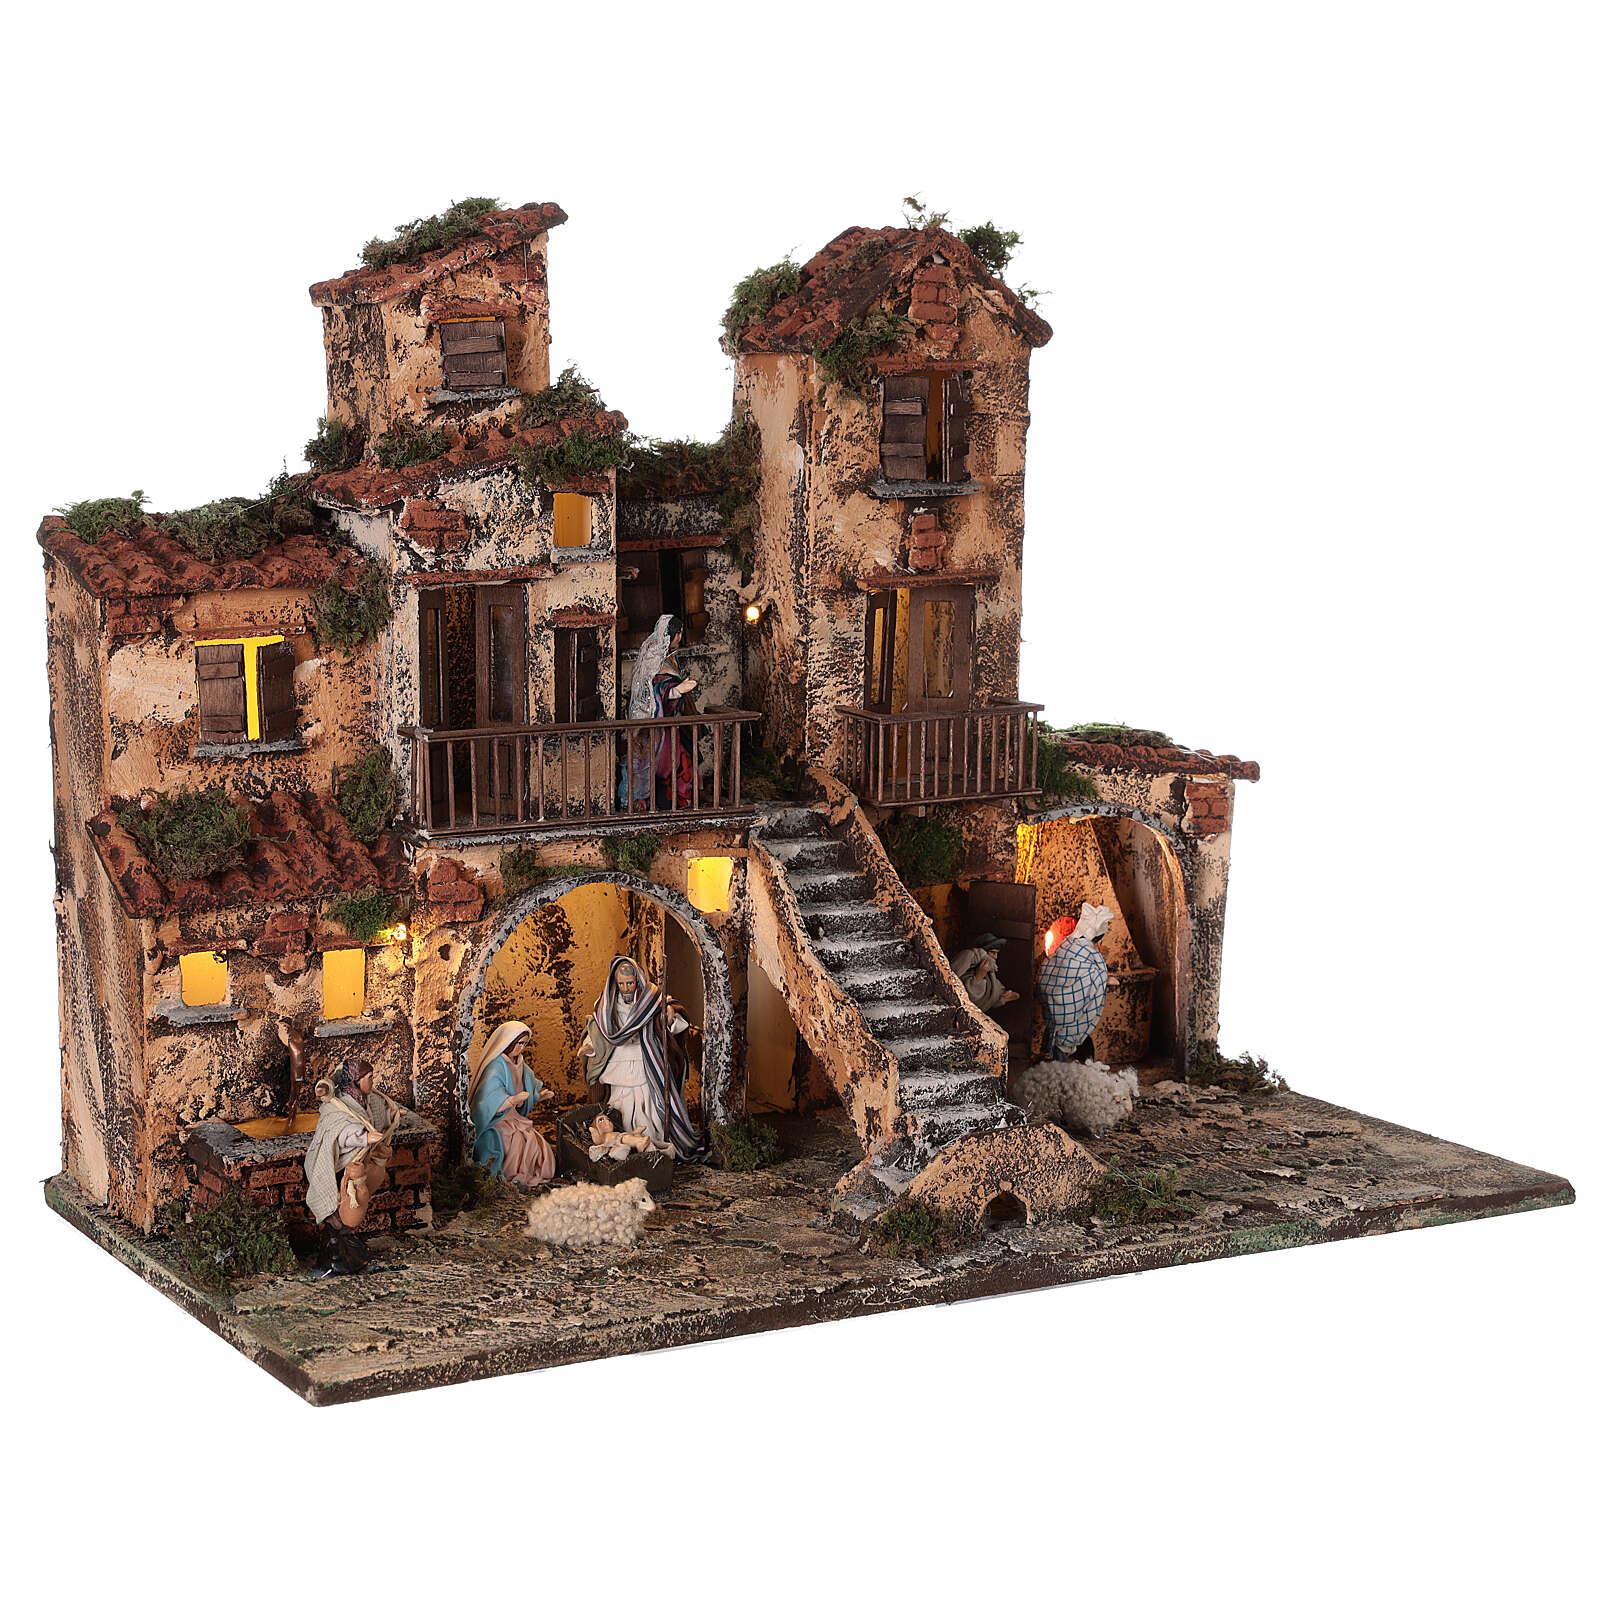 Aldeia presépio napolitano completo com escada, forno e luzes, figuras altura média 8 cm, medidas: 41x48x30 cm 4